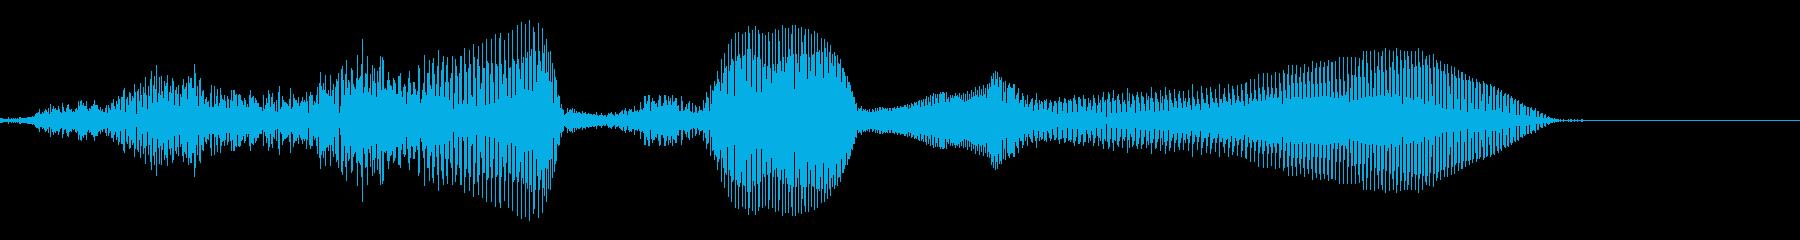 上手ね!2【ロリキャラの褒めボイス】の再生済みの波形